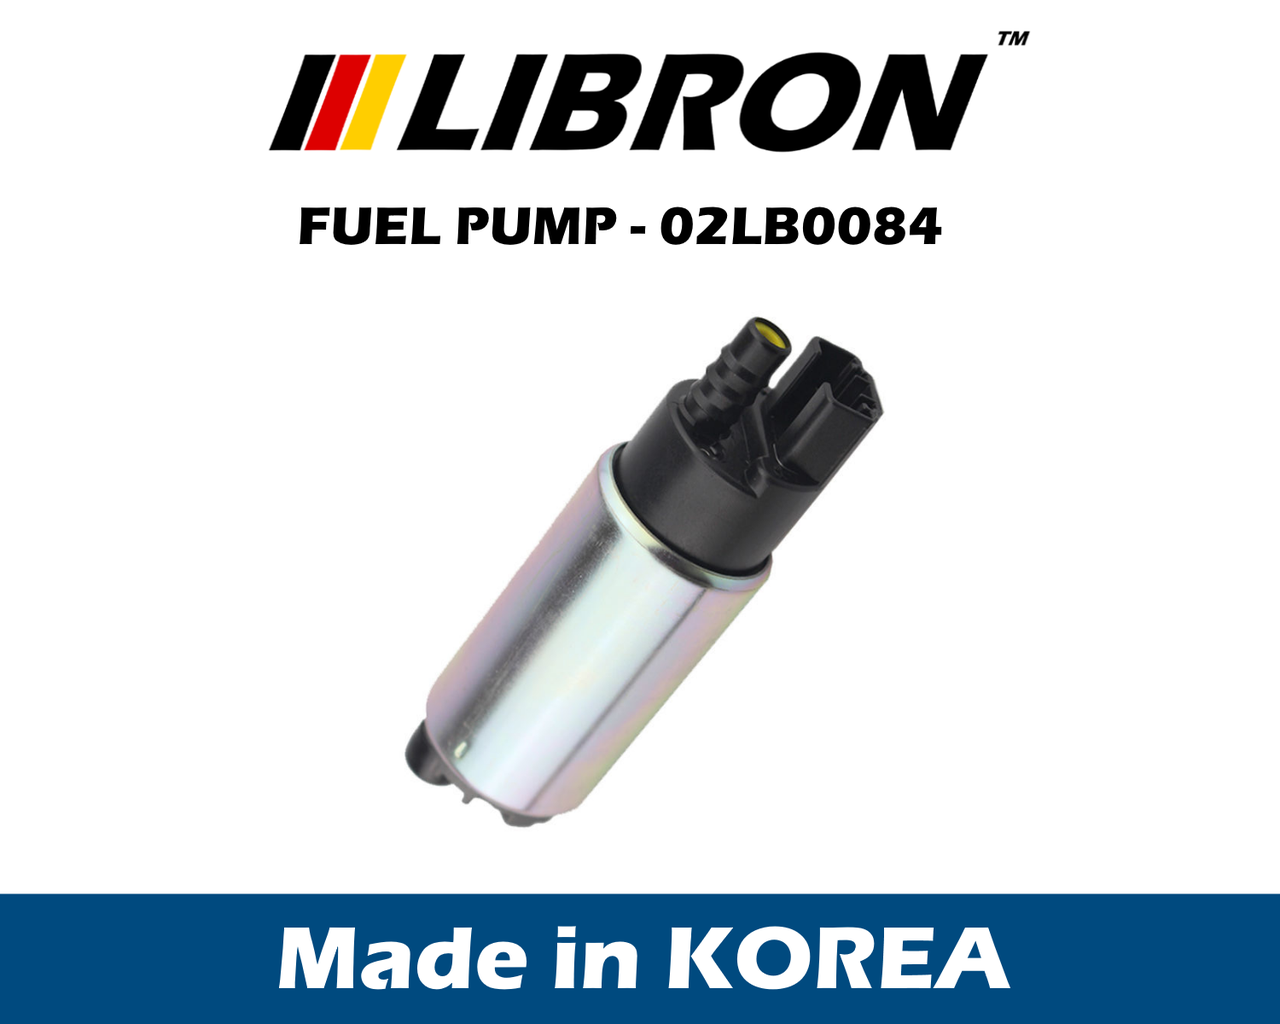 Бензонасос LIBRON 02LB0084 - Хонда Сивик Цивик V Hatchback